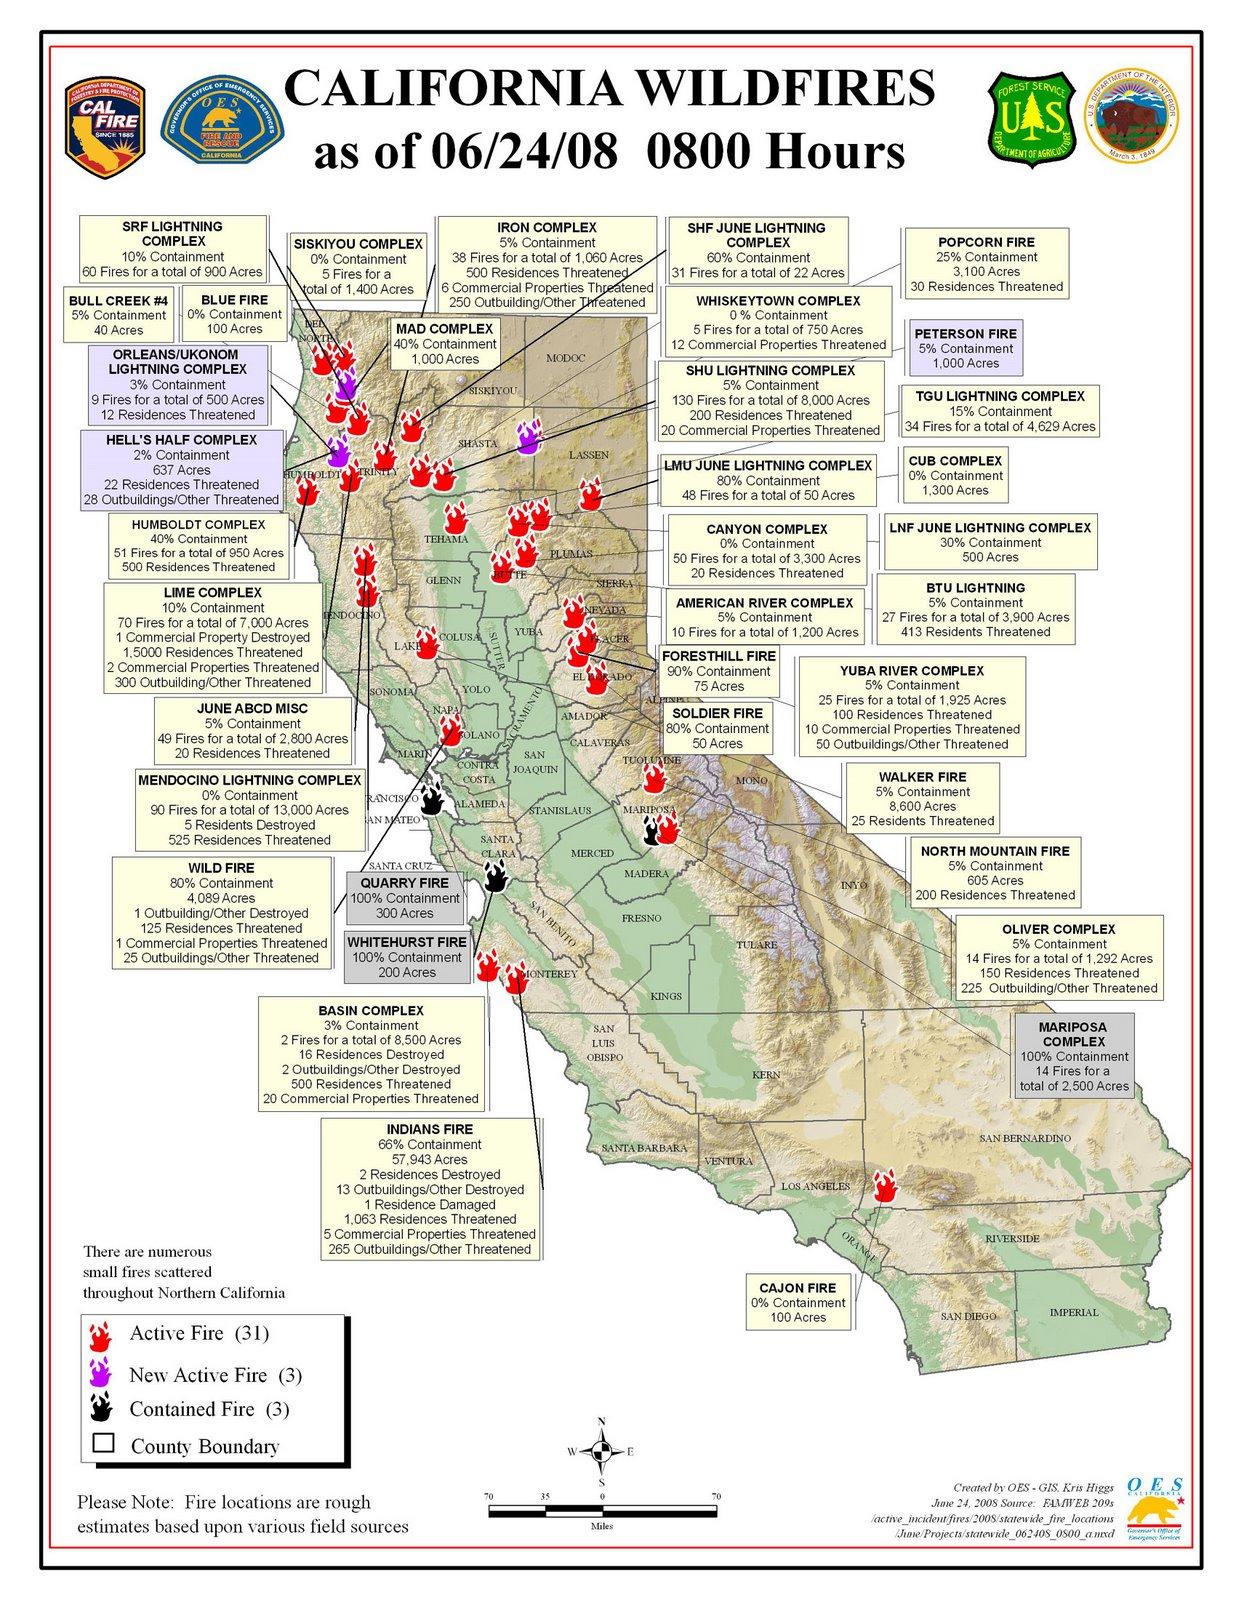 Firesam California River Map Fires In California Right Now Map - California Fire Map Right Now